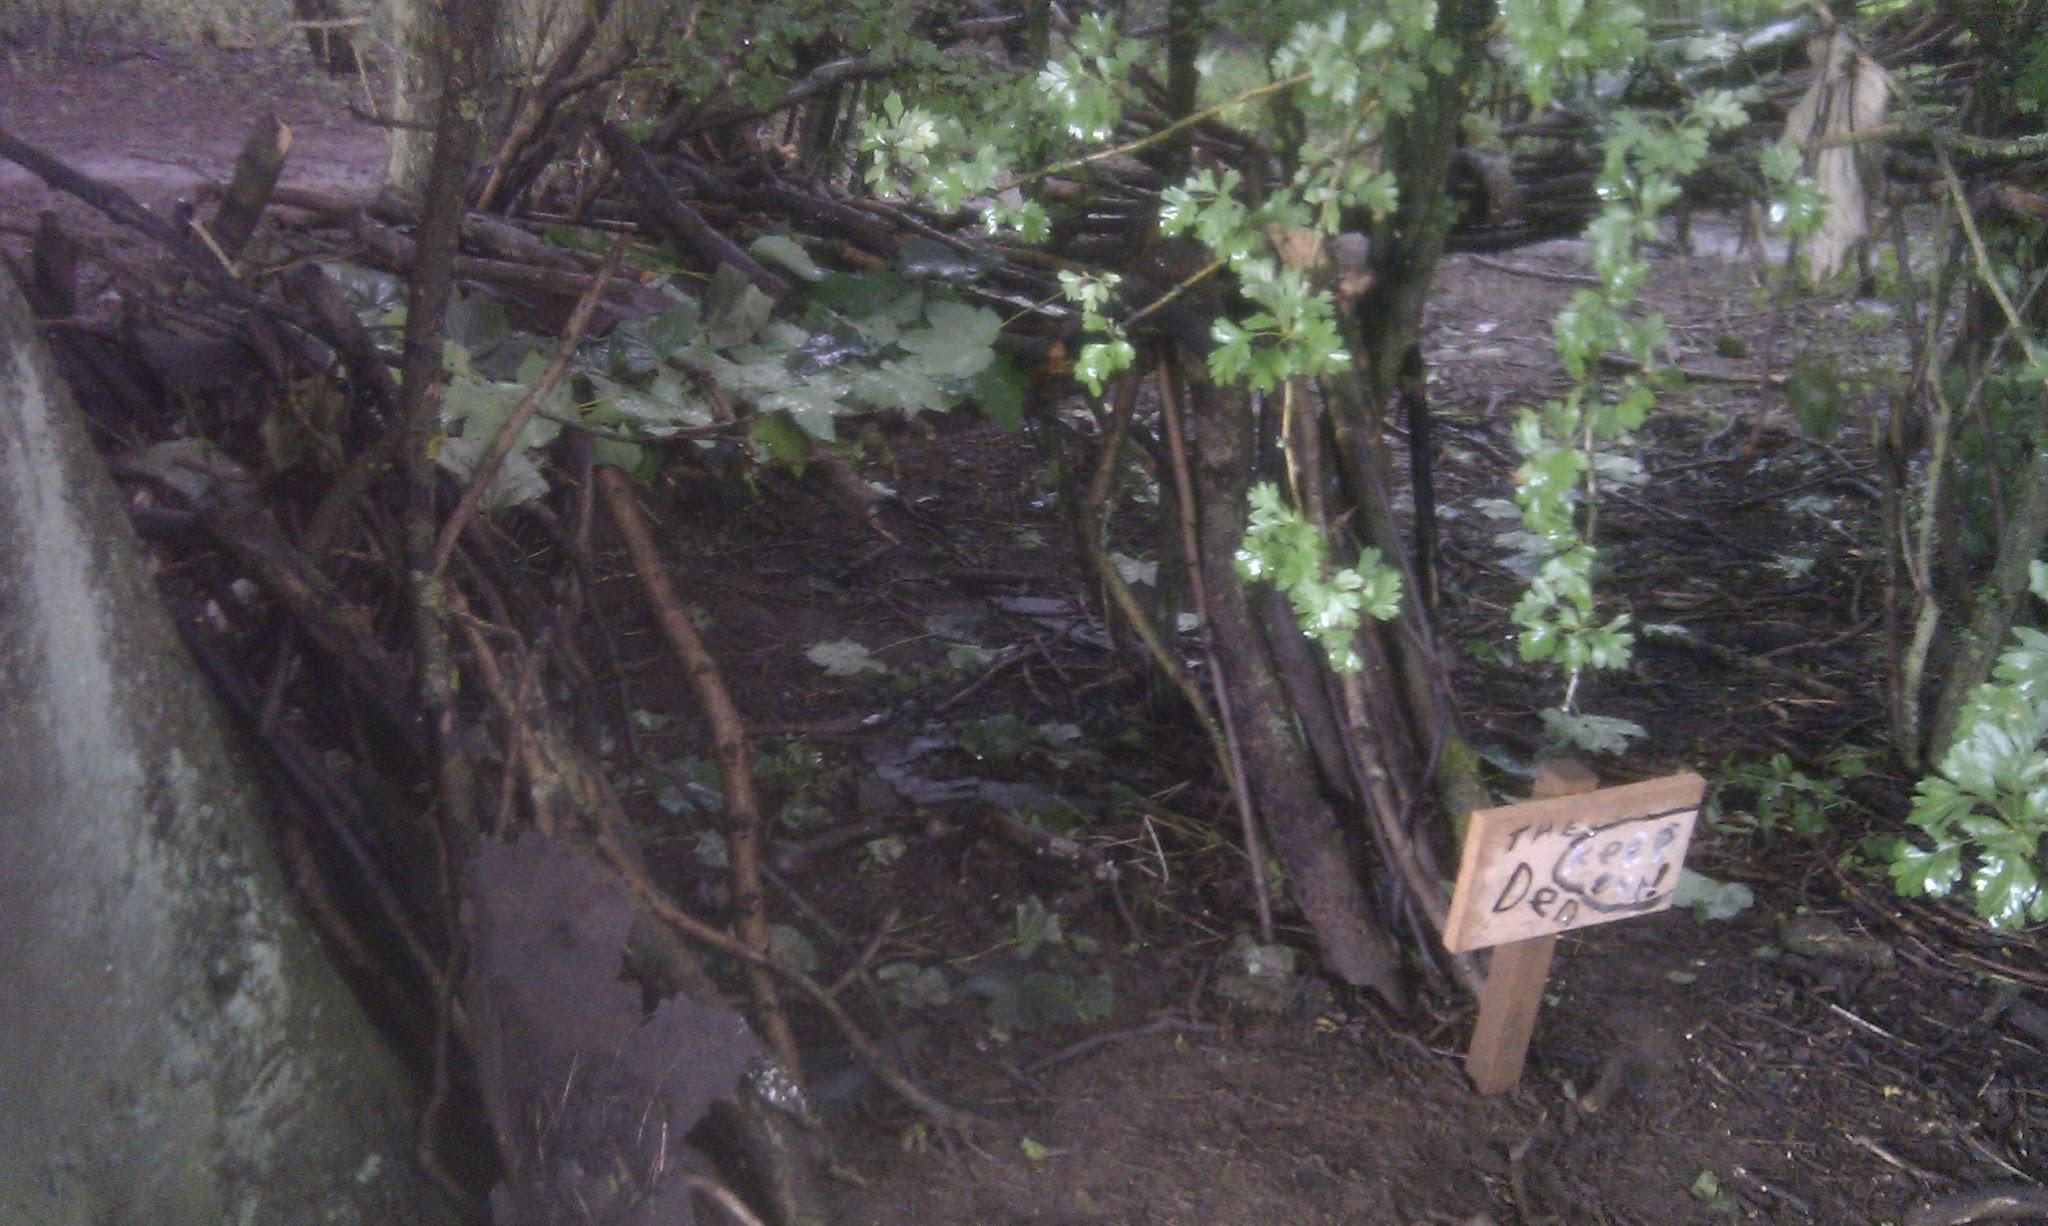 A den built by adventurers